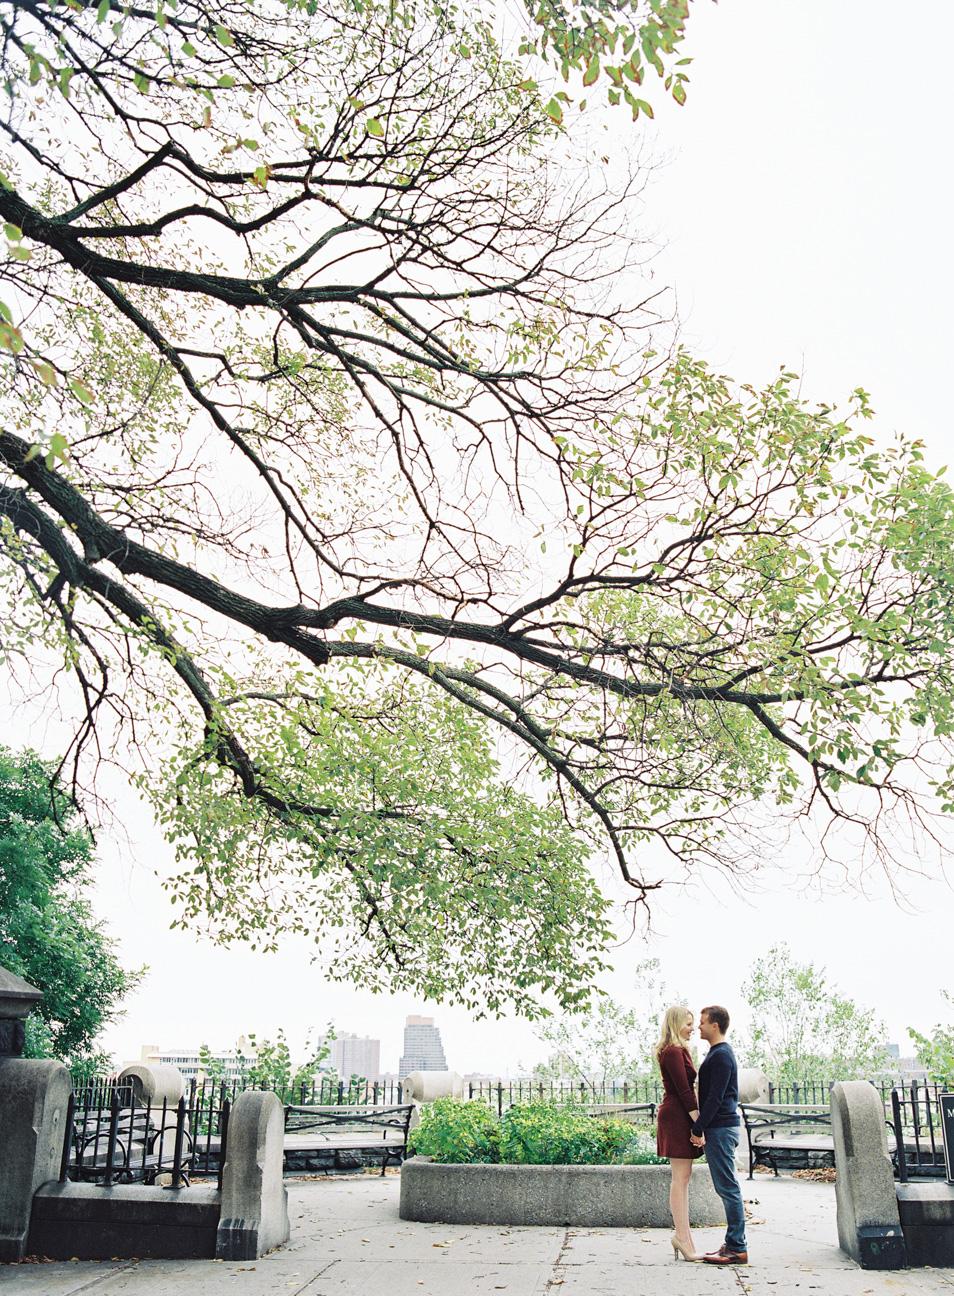 KarenHillPhotography-Siverd-EPS-16-0098.jpg